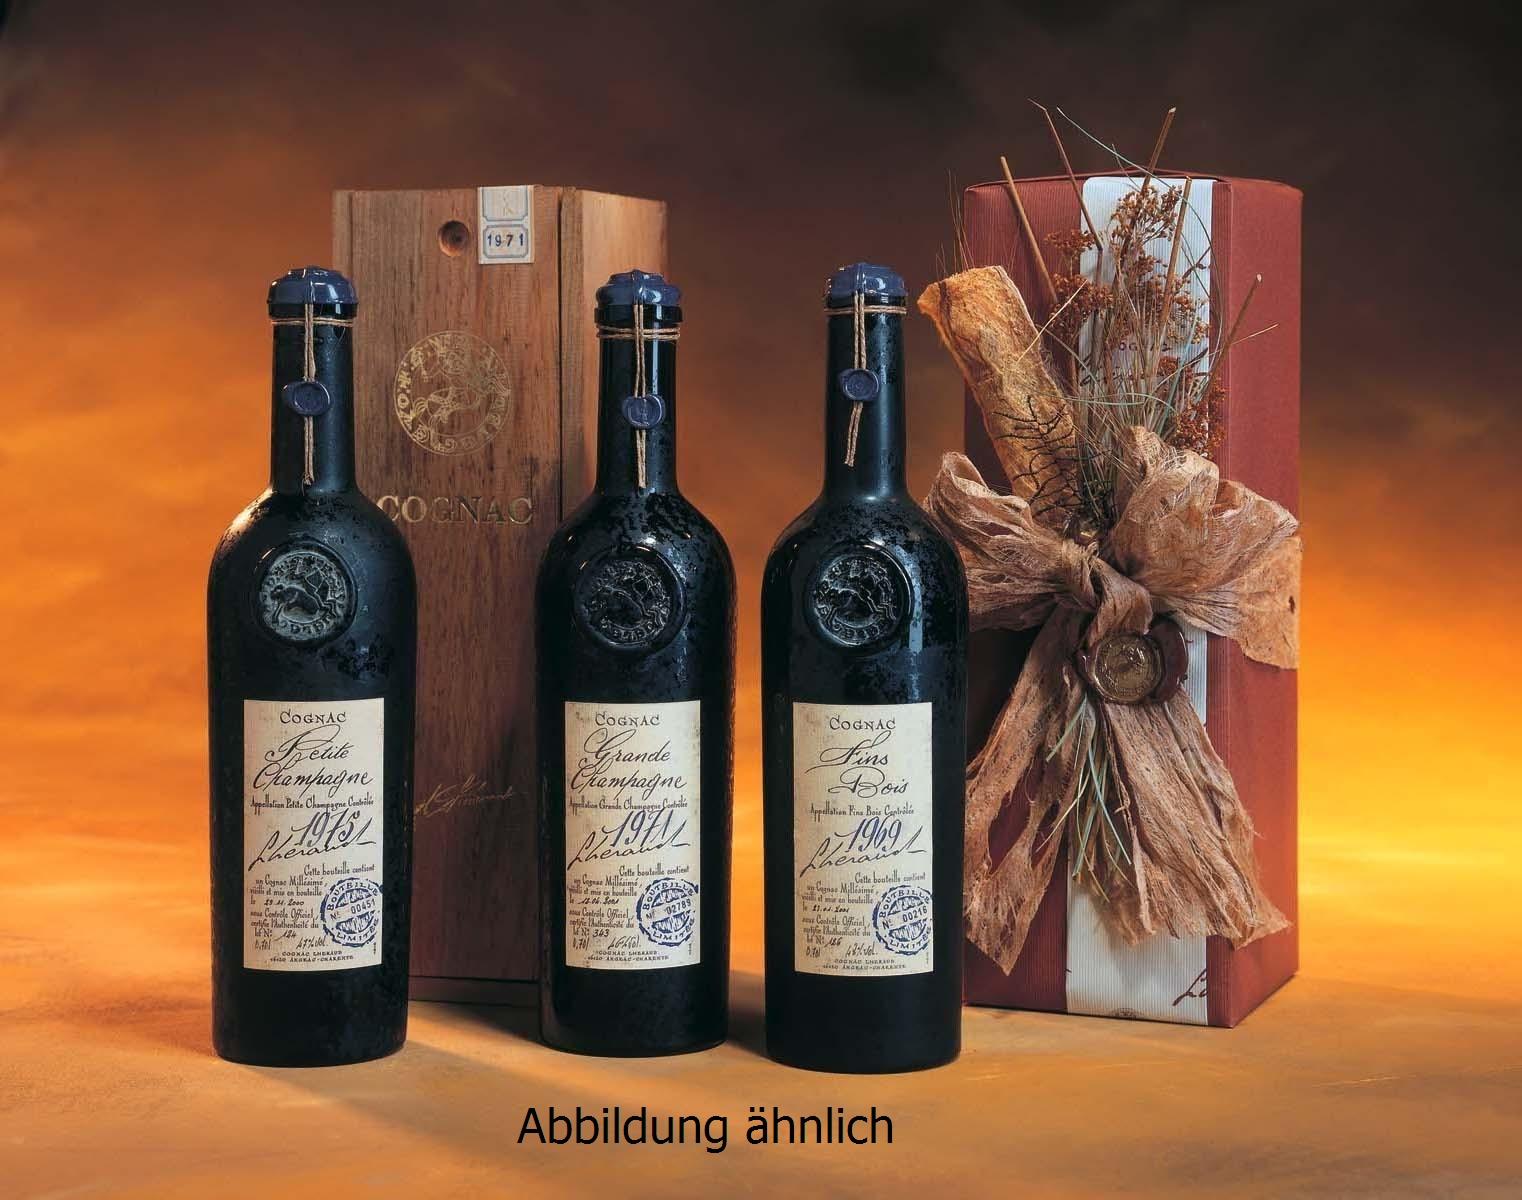 Cognac 1950 Lheraud